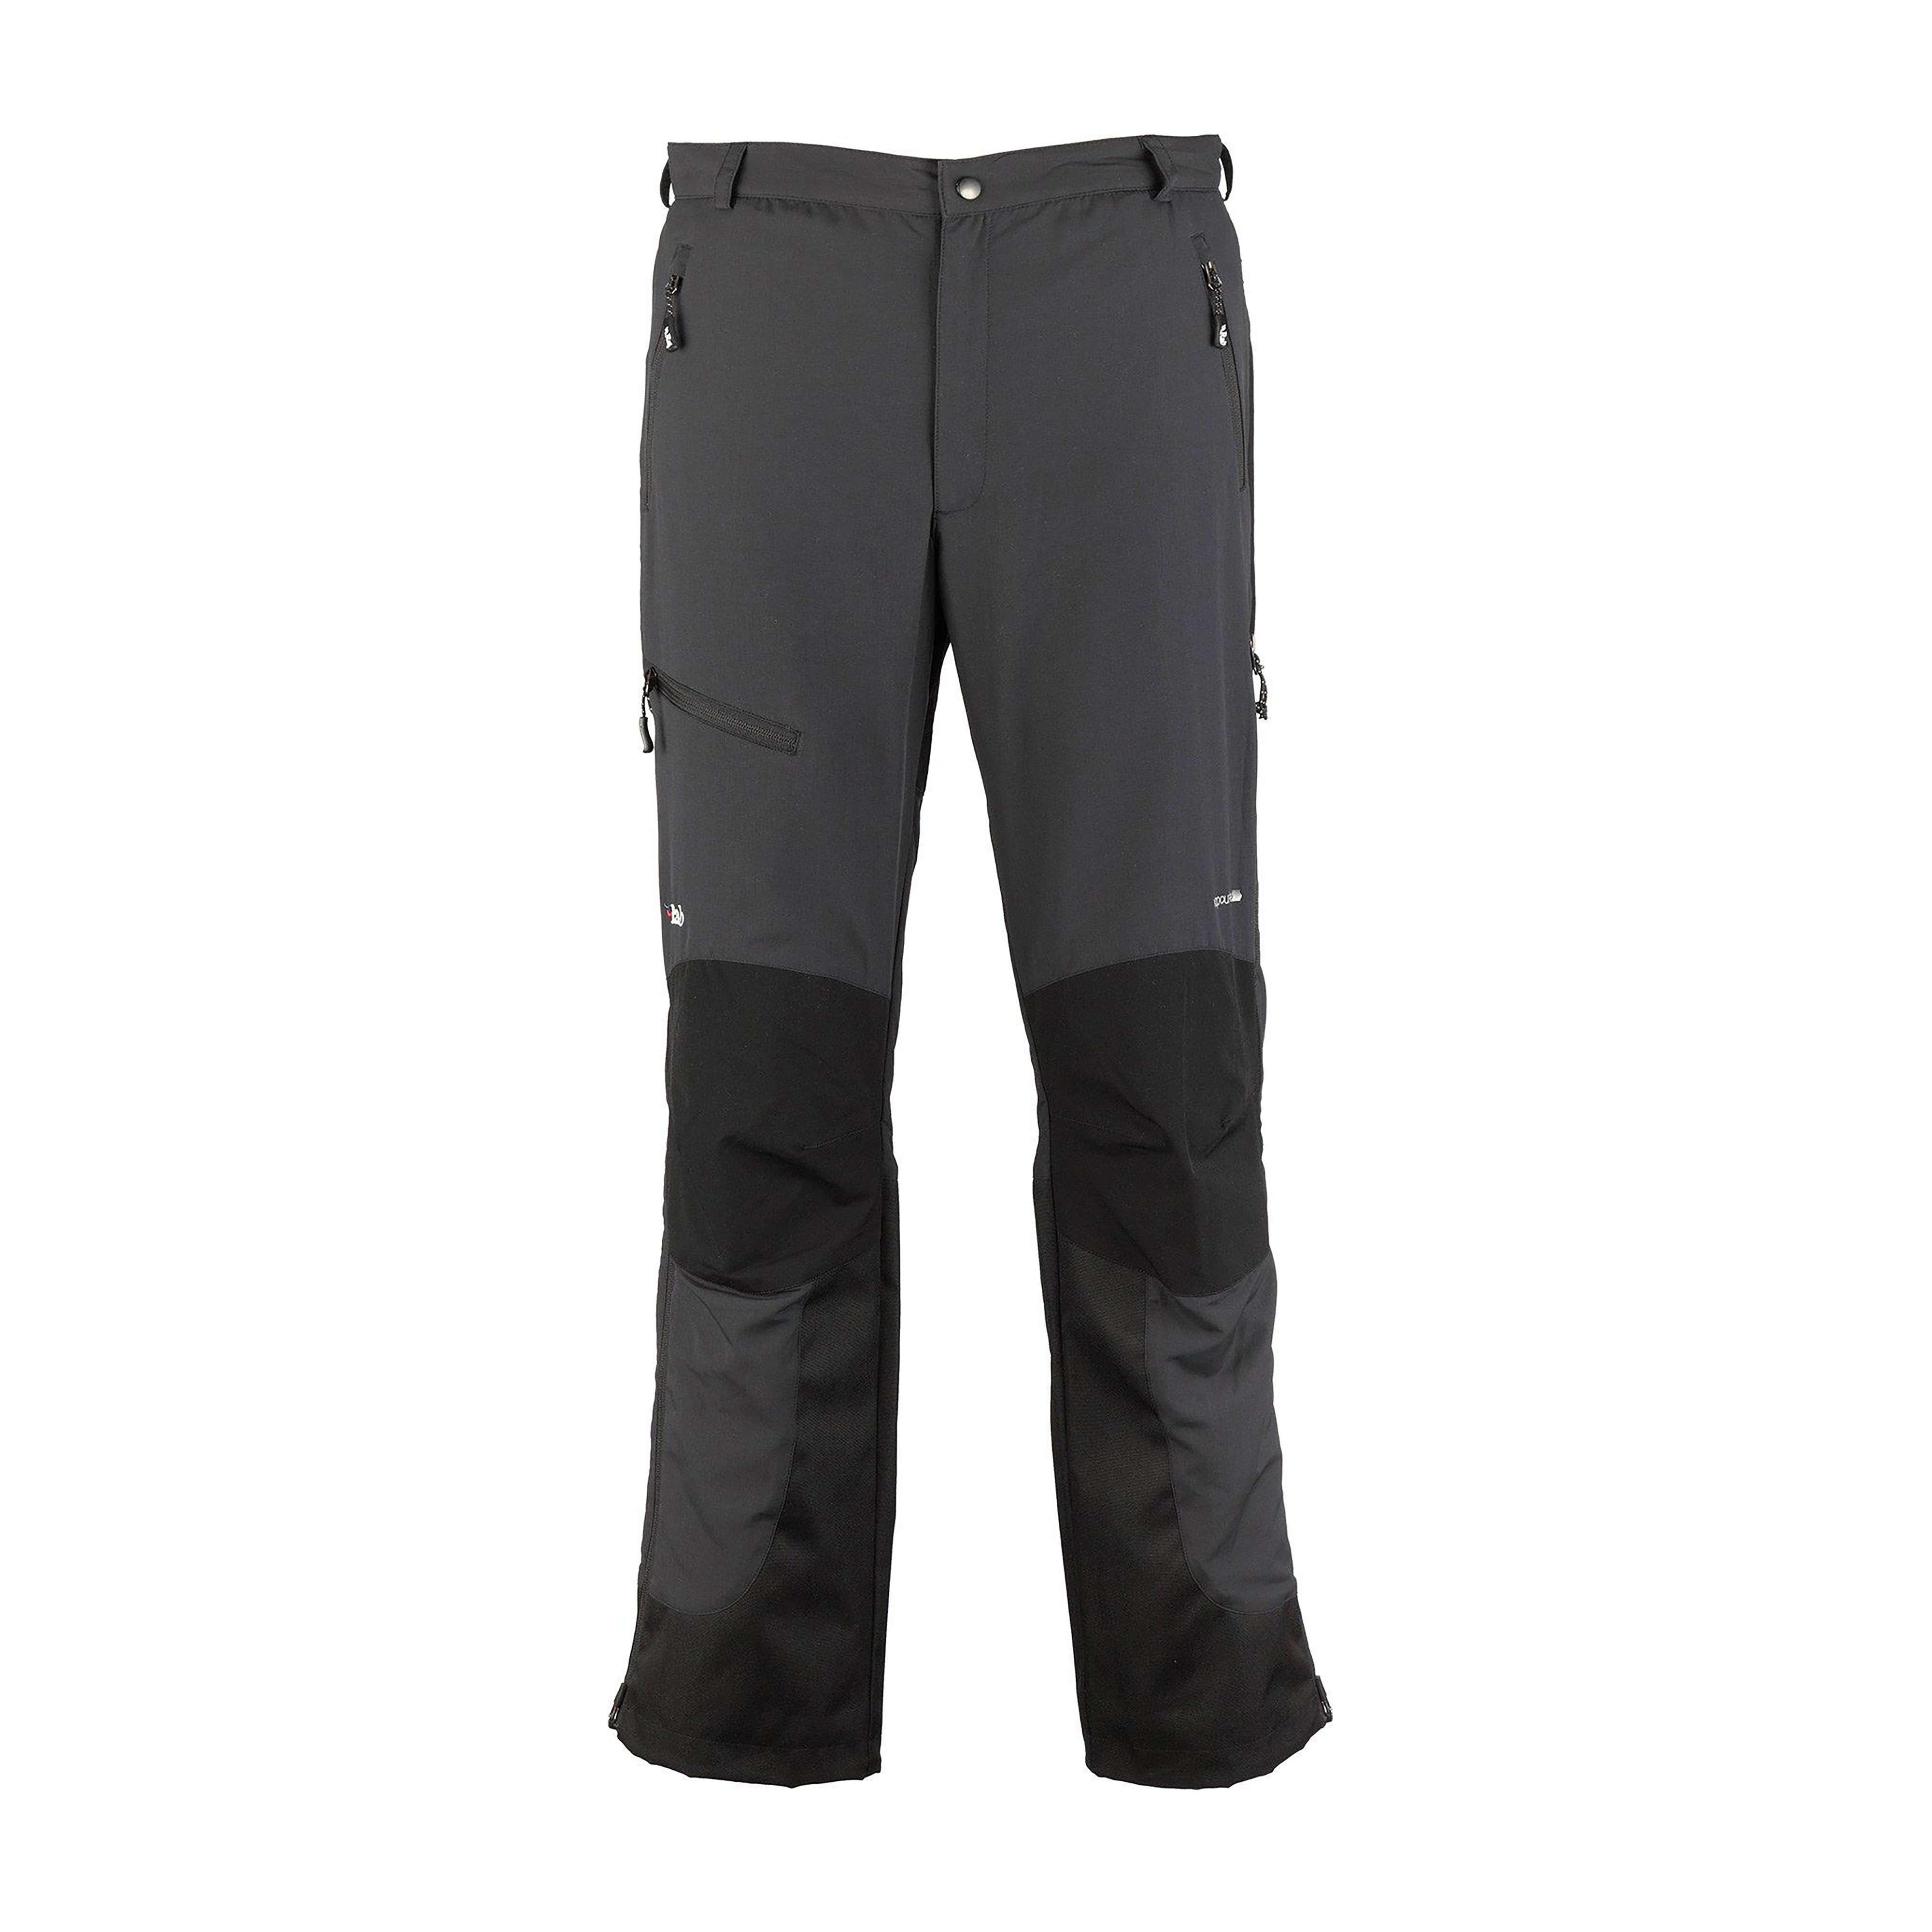 RAB Men's Vapour Rise Guide Pants